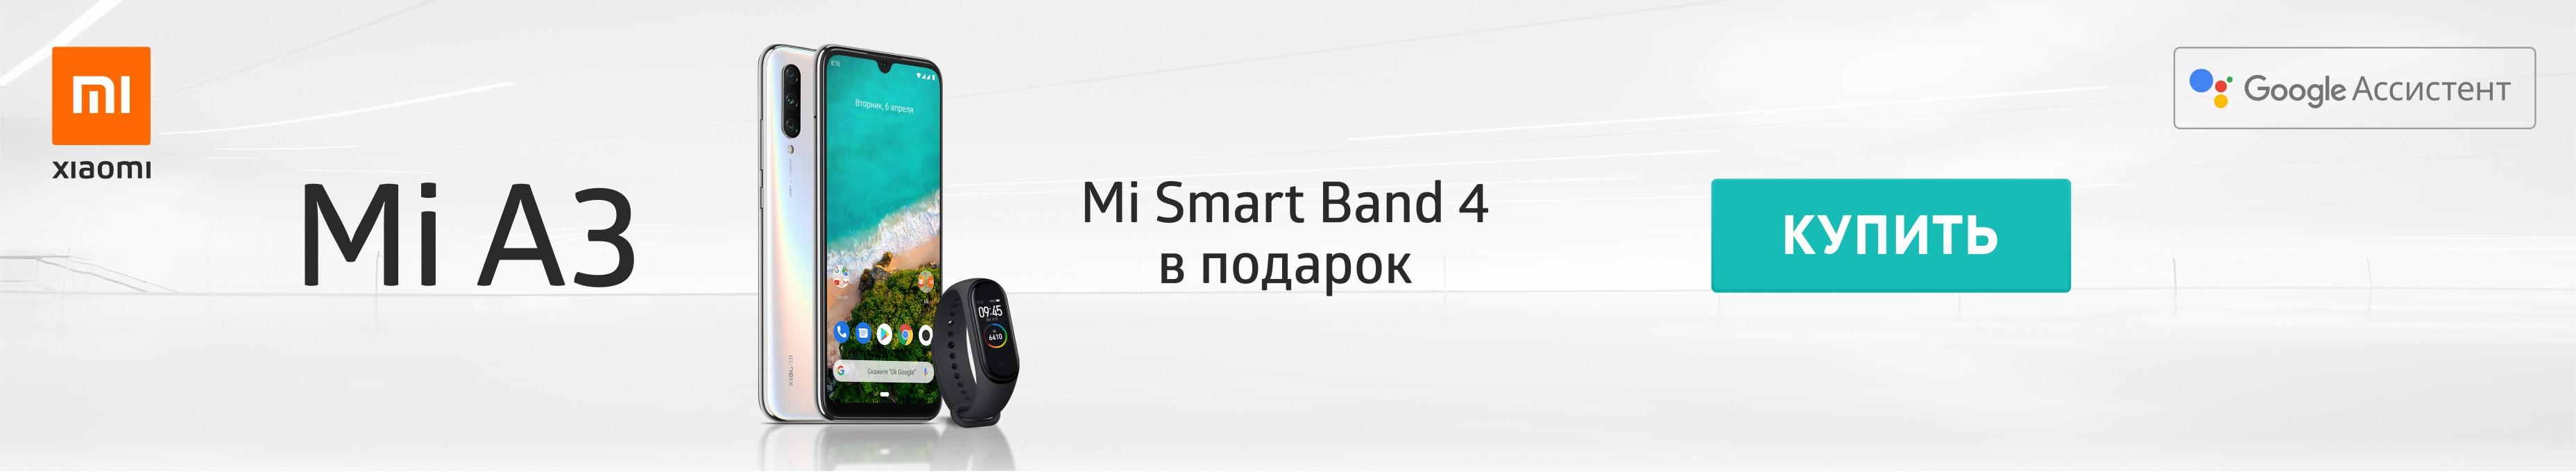 При покупке смартфона Xiaomi Mi A3 в подарок фитнес-браслет Xiaomi Mi Band 4!